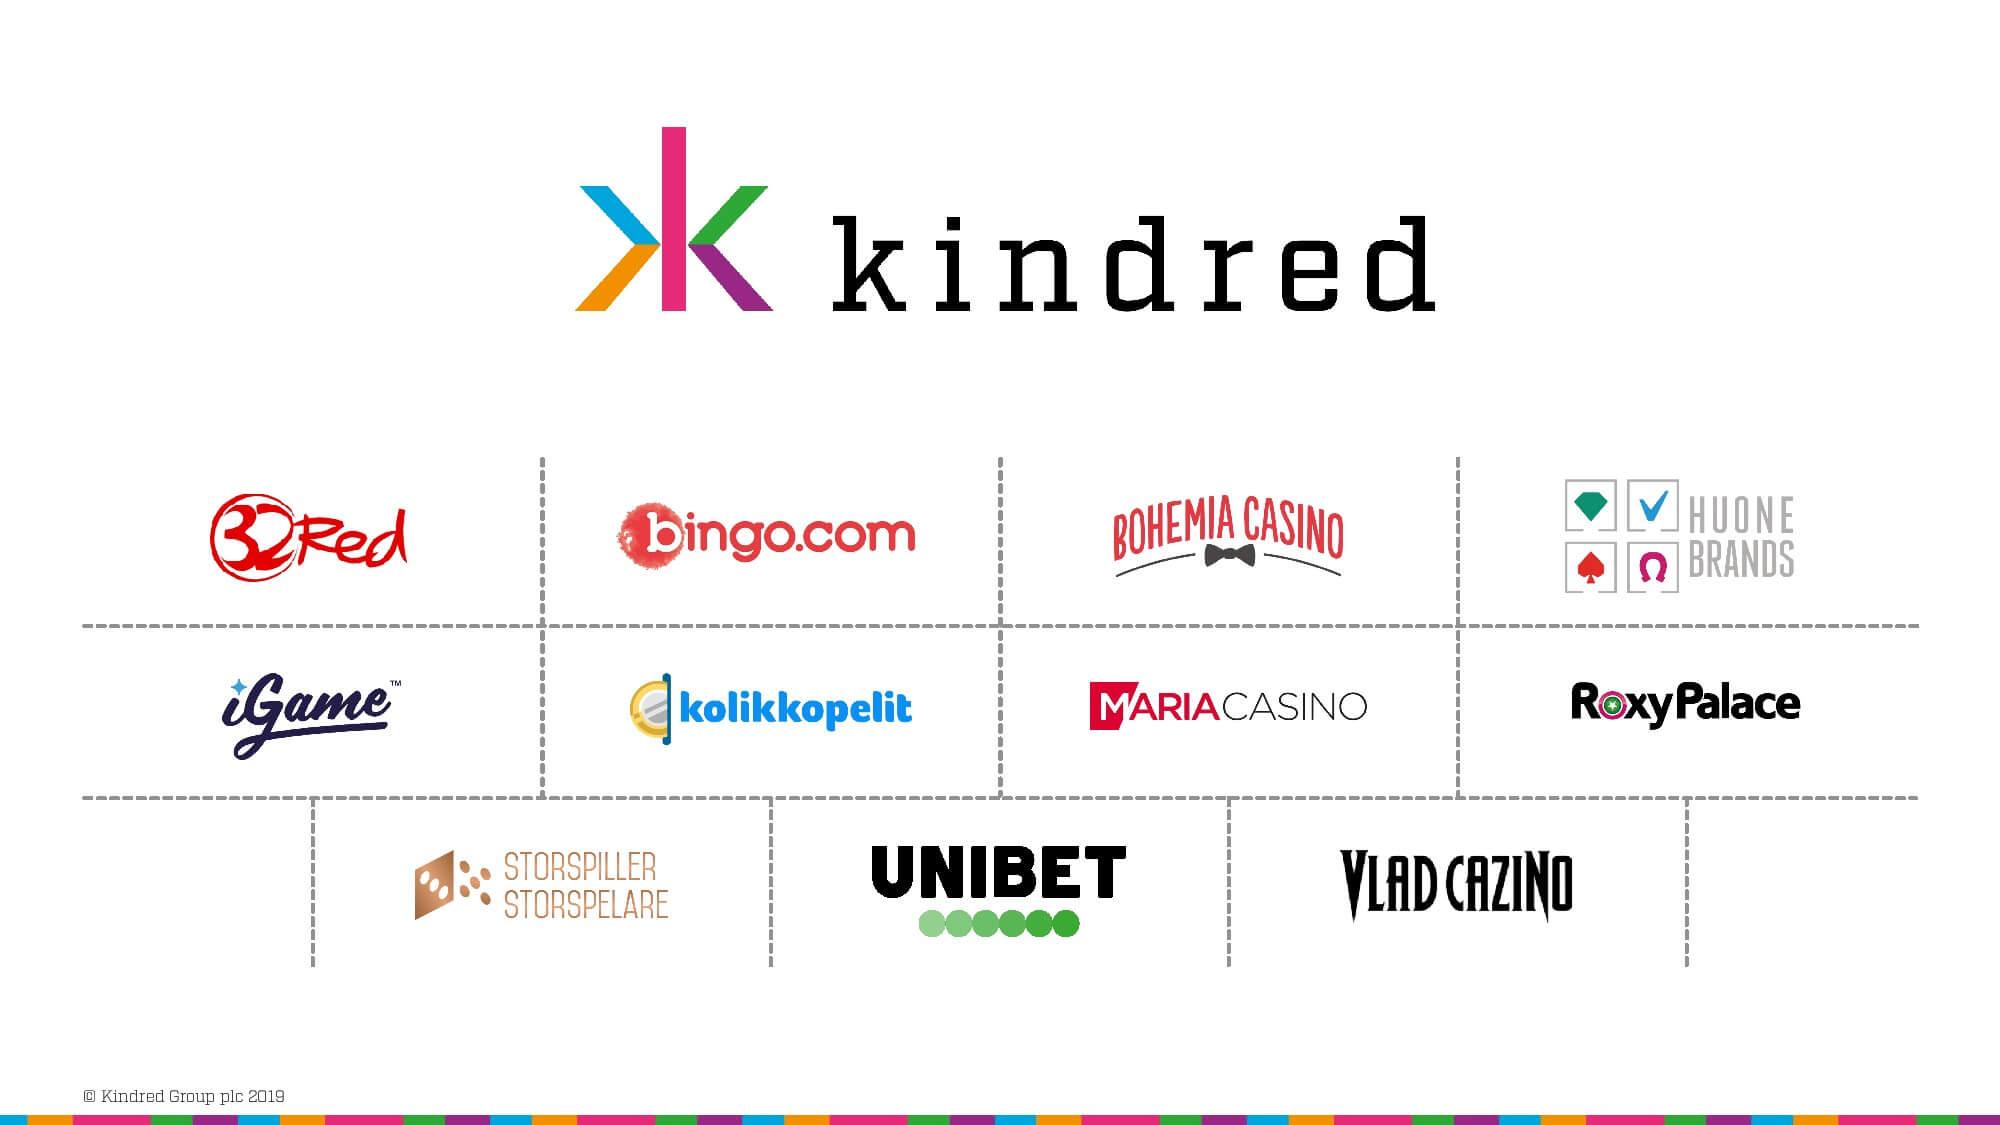 Kindred Unibet Brands CS